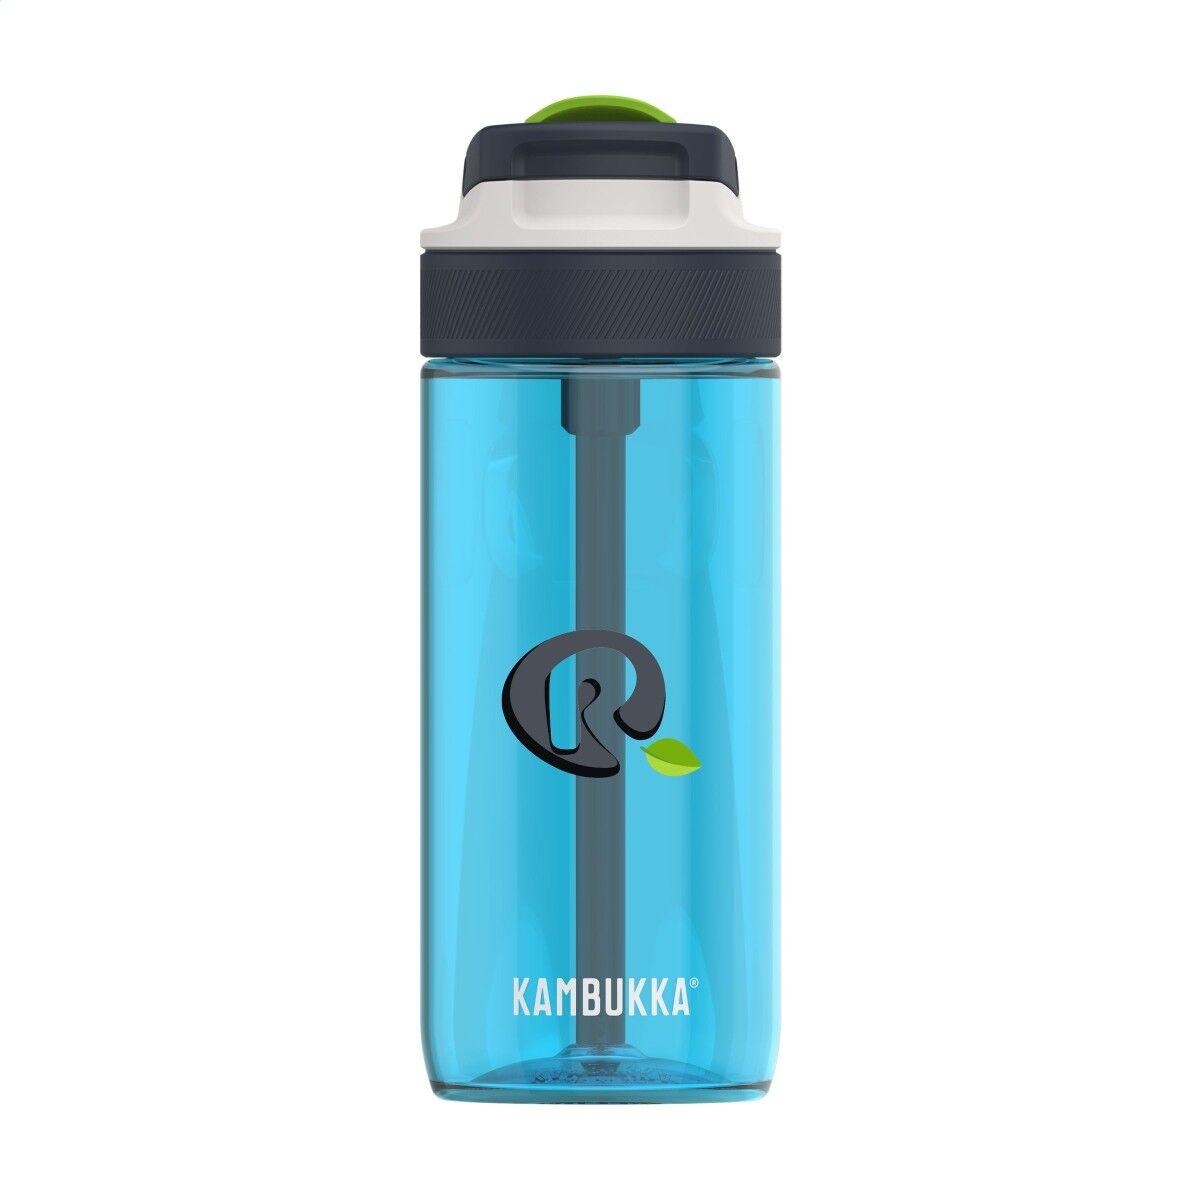 Kambukka Lagoon Sports Water Bottle in Light Blue